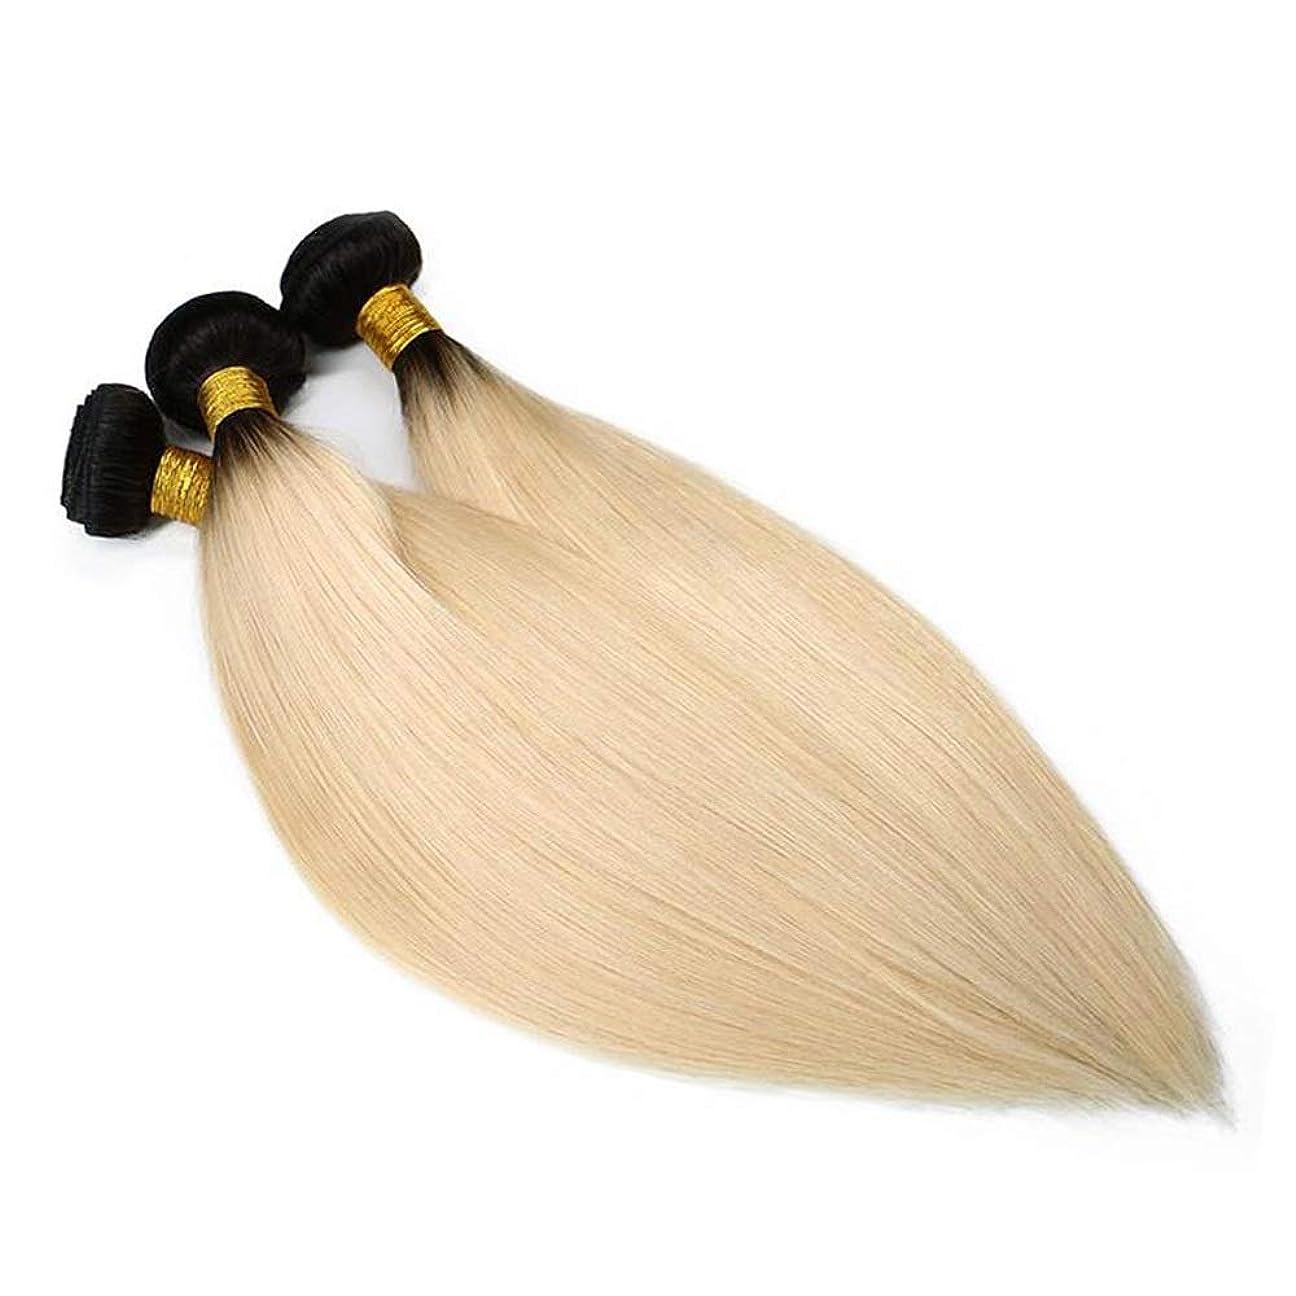 たまにうつ例外HOHYLLYA 18インチ人間の髪織りバンドルブラジルのヘアエクステンション横糸ストレート#1B / 613ブロンド(1バンドル、100g)合成毛髪のレースのかつらロールプレイングかつら (色 : Blonde, サイズ : 16 inch)